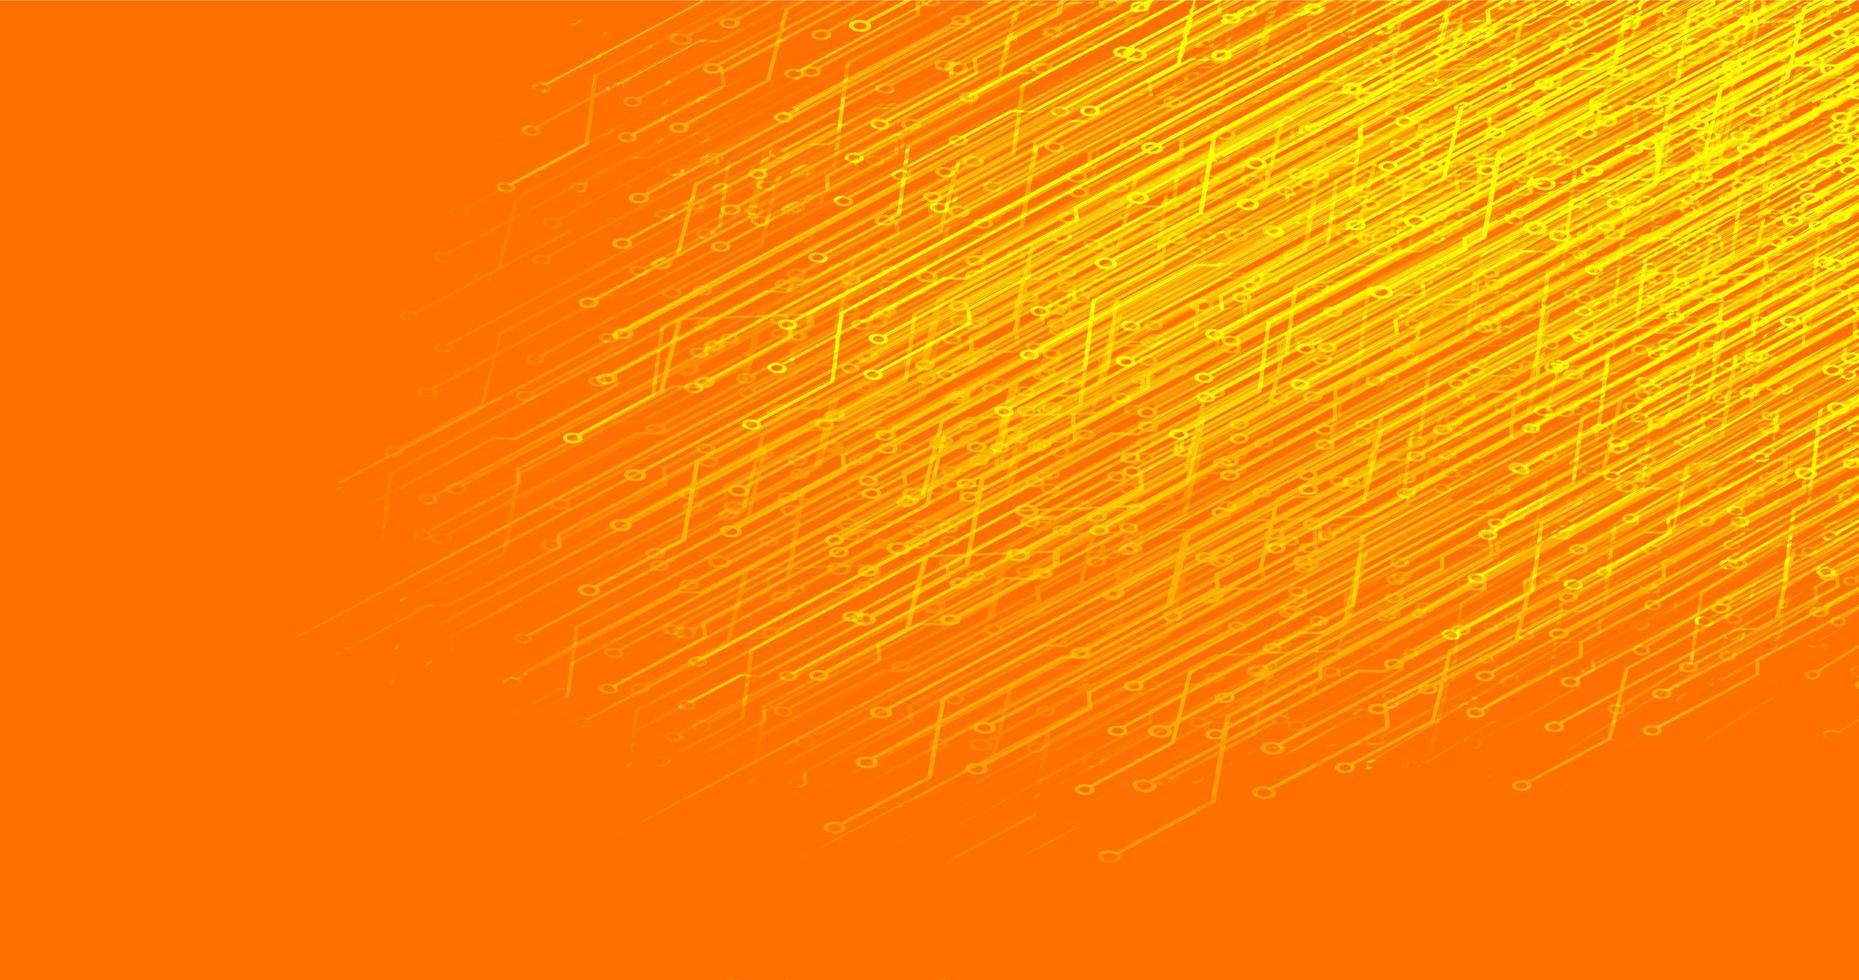 sfondo tecnologia microchip circuito arancione vettore